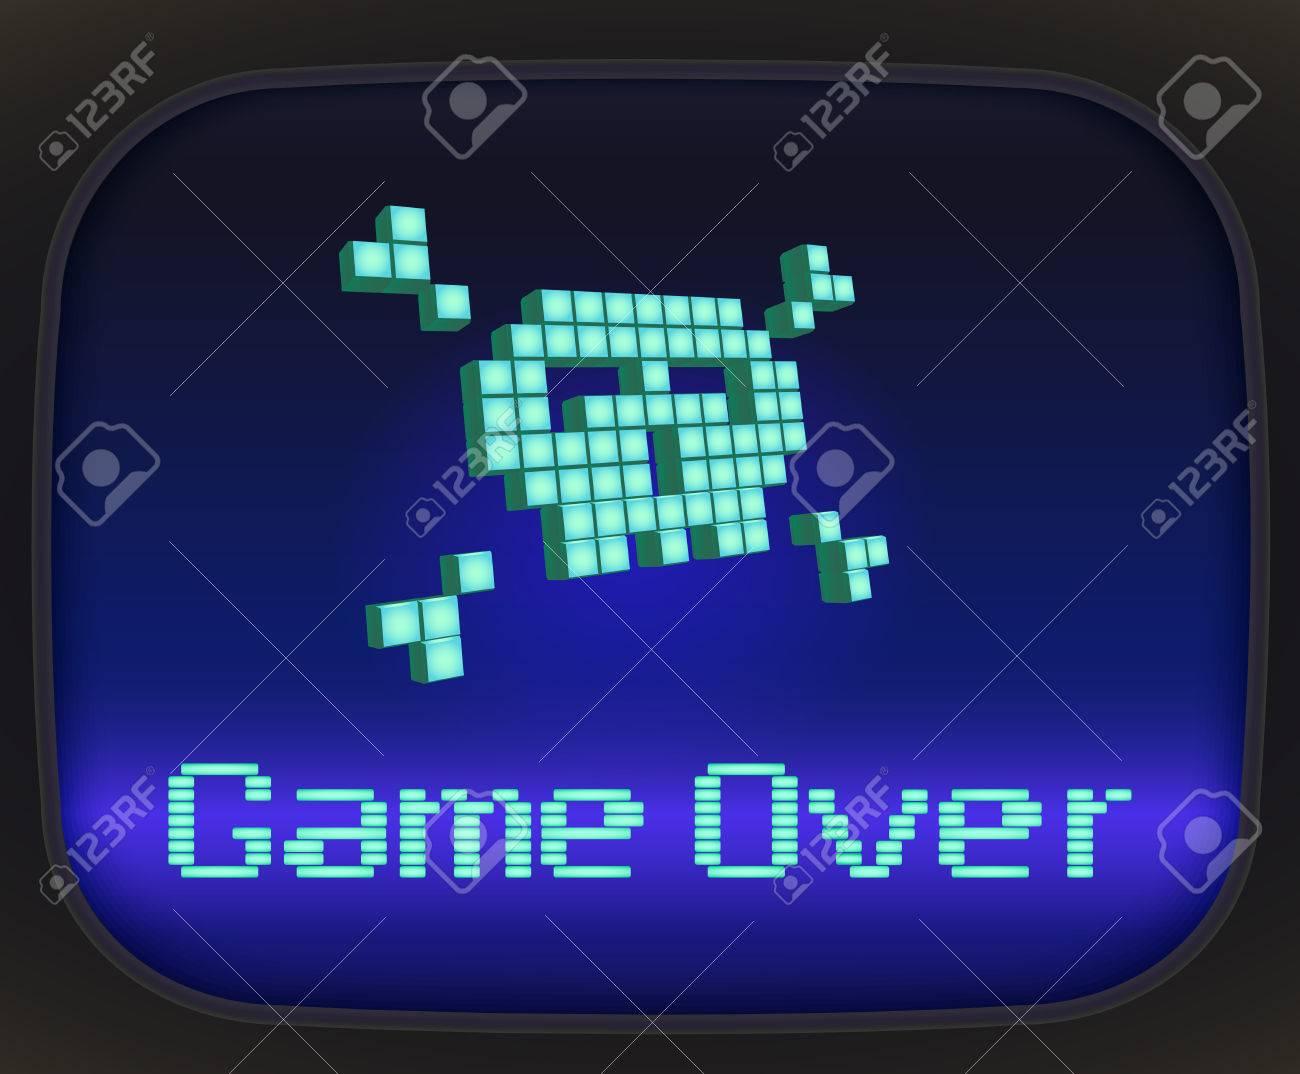 Game Over Jeu De Tv Crâne Et Os Croisés Faits De Pixel